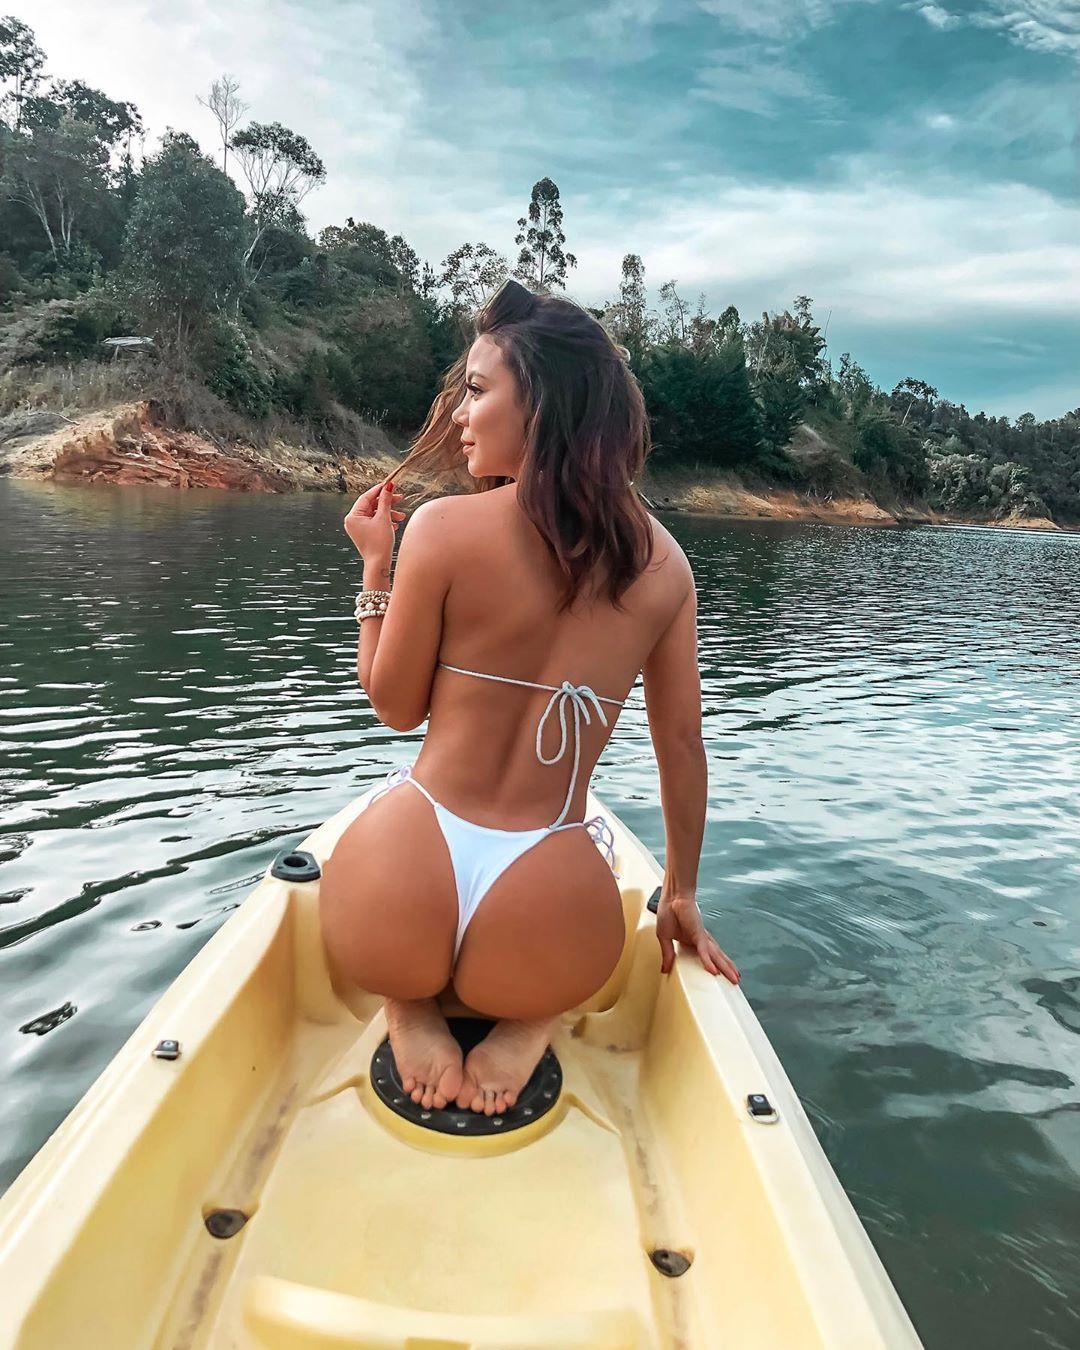 Alejandra Pineda Nude Leaked Videos and Alejapineda1 Naked Pics! 82